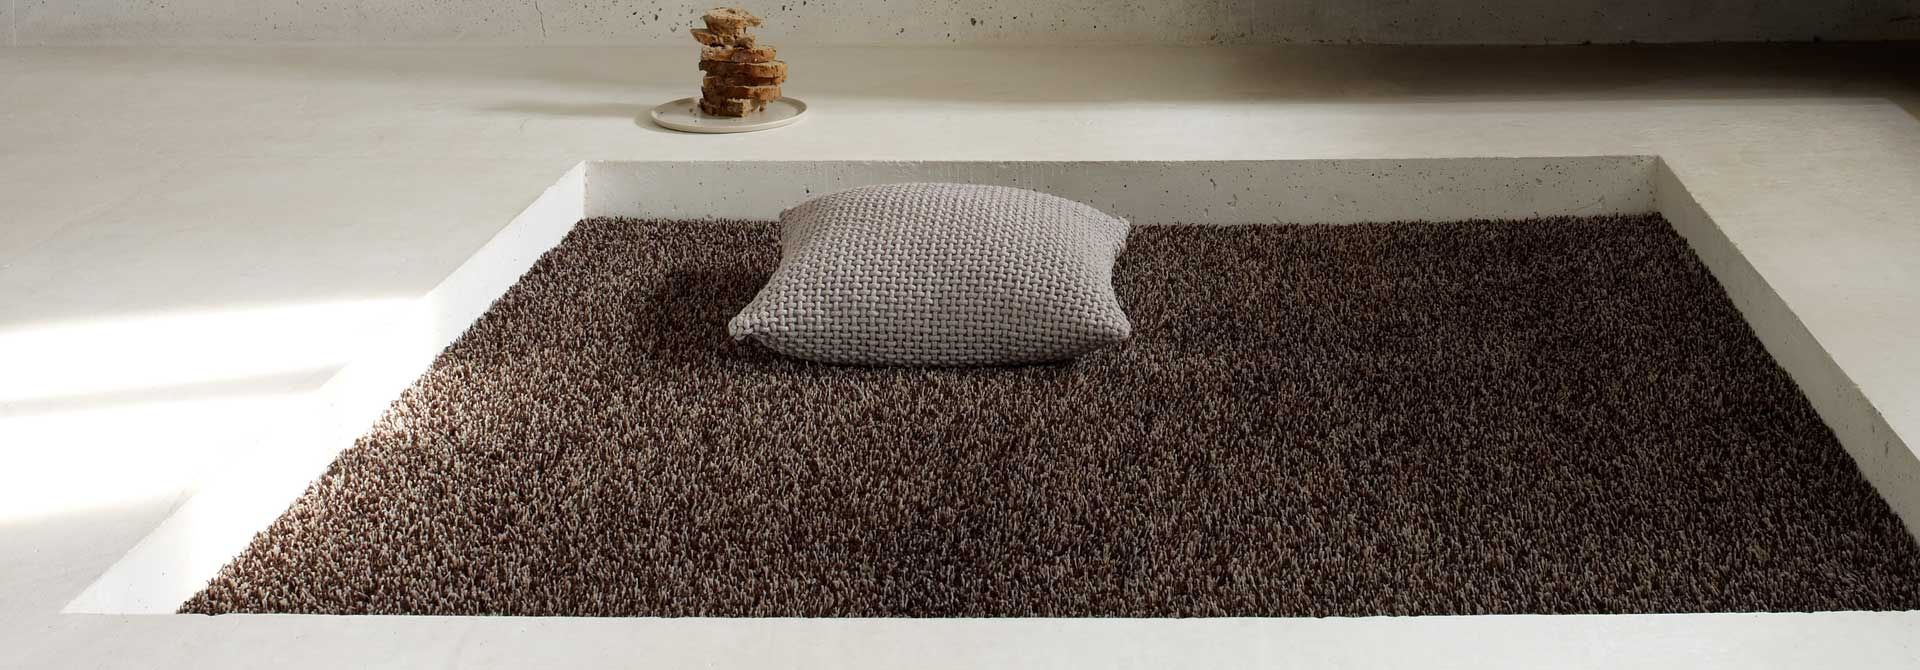 Limpieza de alfombras de pelo largo limpieza de - Alfombra redonda pelo largo ...